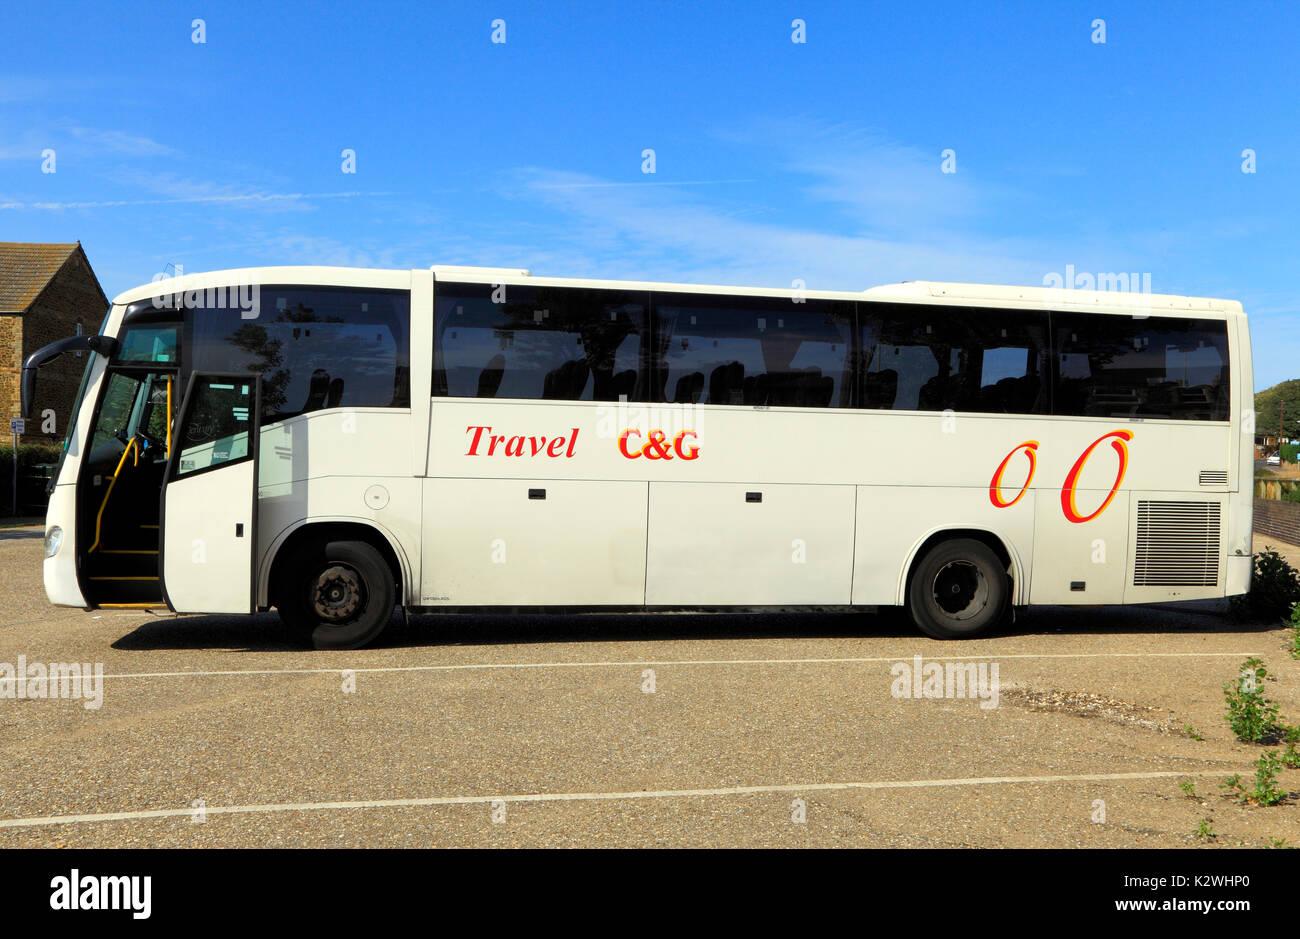 C&G, C & G Travel, pullman, autobus e gite di un giorno, viaggio, escursione, escursioni, vacanza, vacanze, società, imprese, England, Regno Unito Immagini Stock